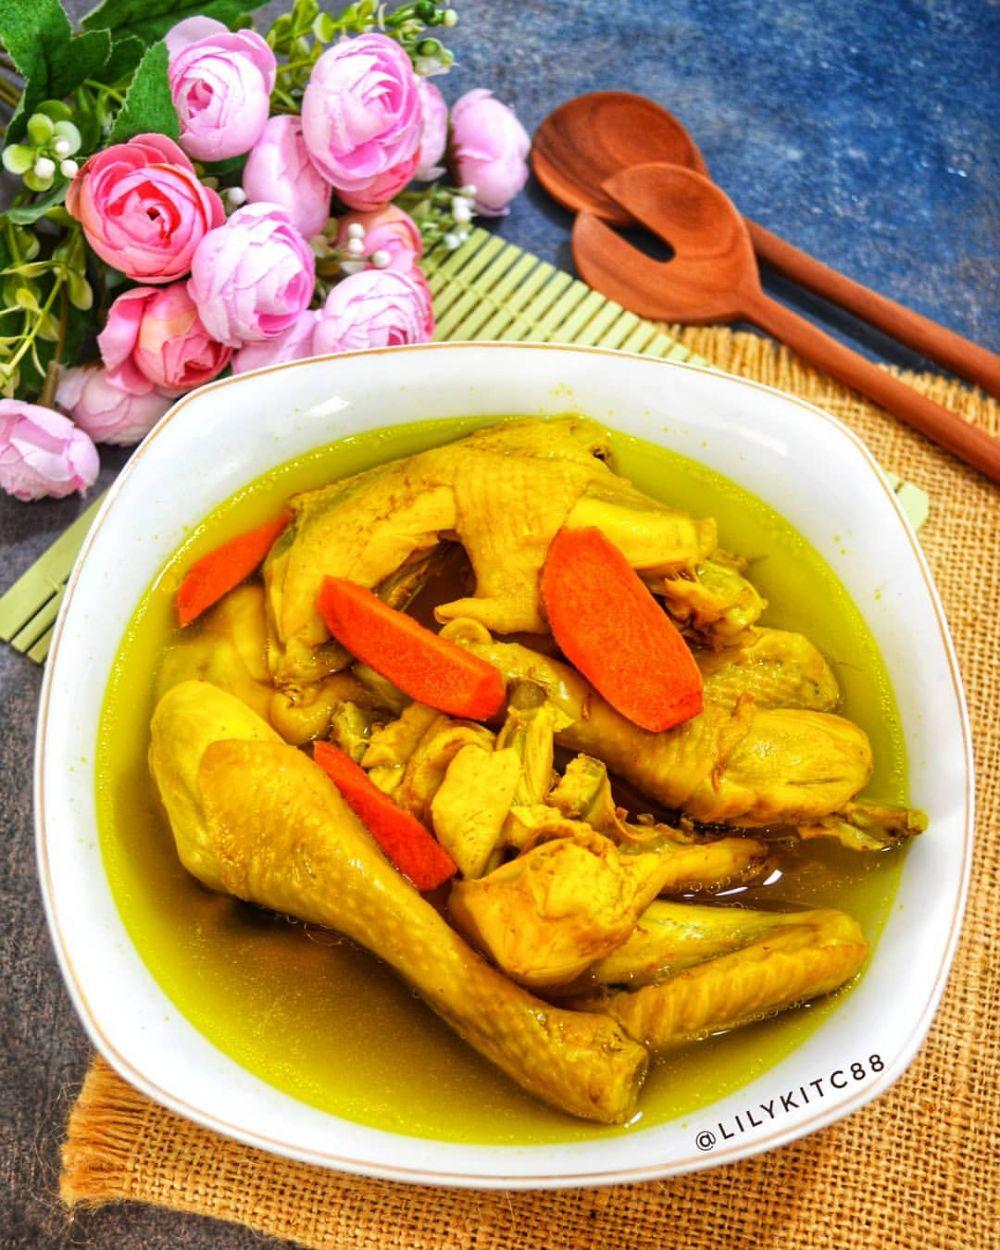 Resep Ayam Kuah Kuning : resep, kuning, Resep, Bumbu, Kuning,, Praktis, Untuk, Sajian, Keluarga